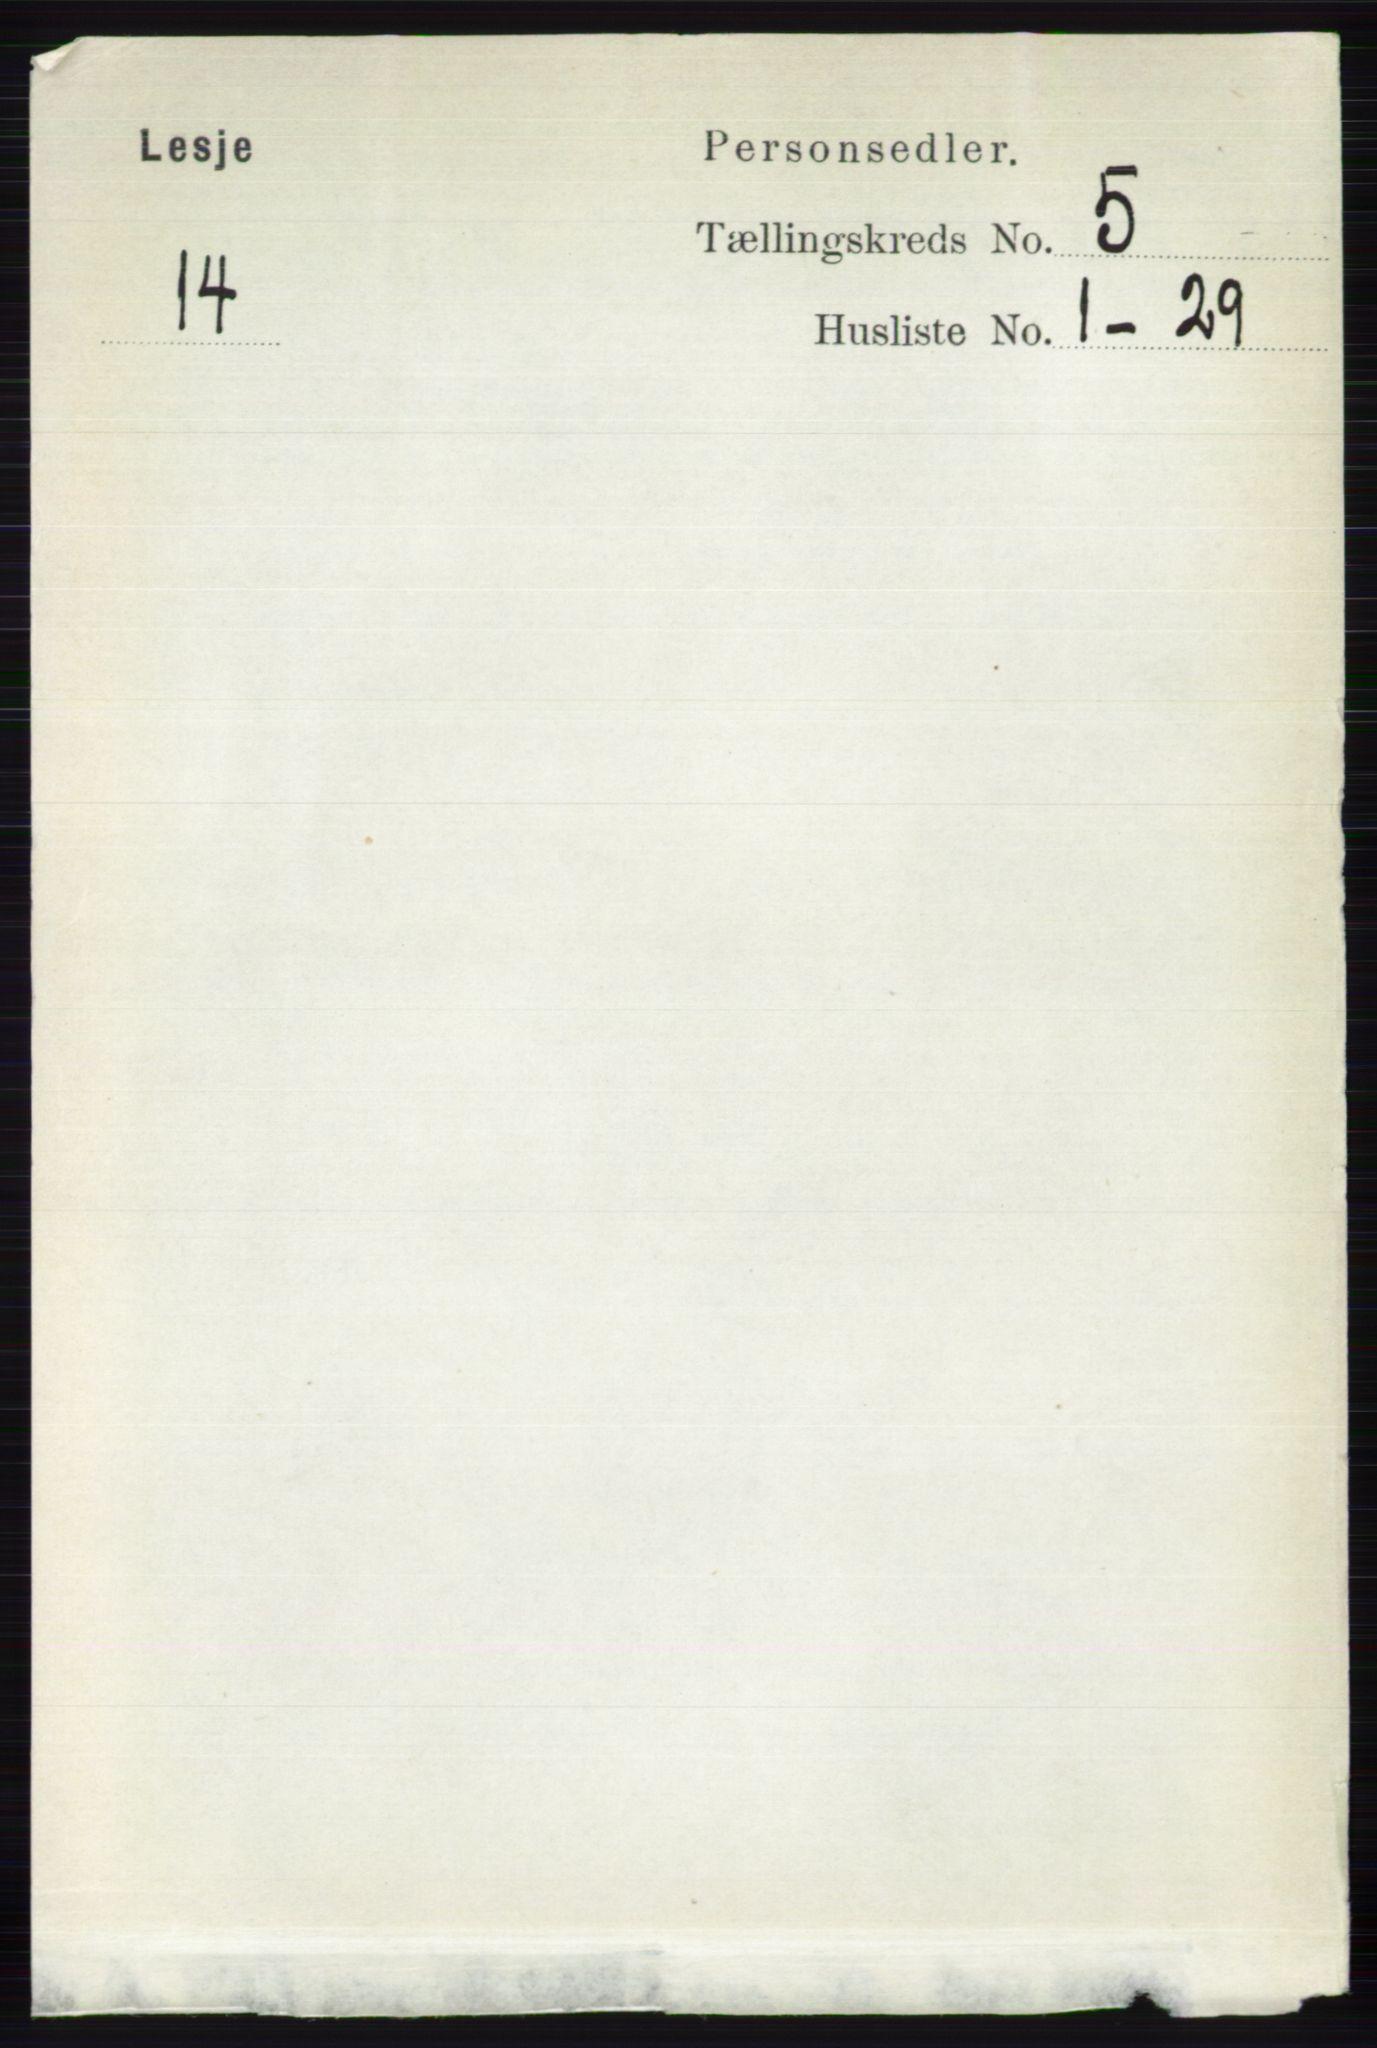 RA, Folketelling 1891 for 0512 Lesja herred, 1891, s. 1681